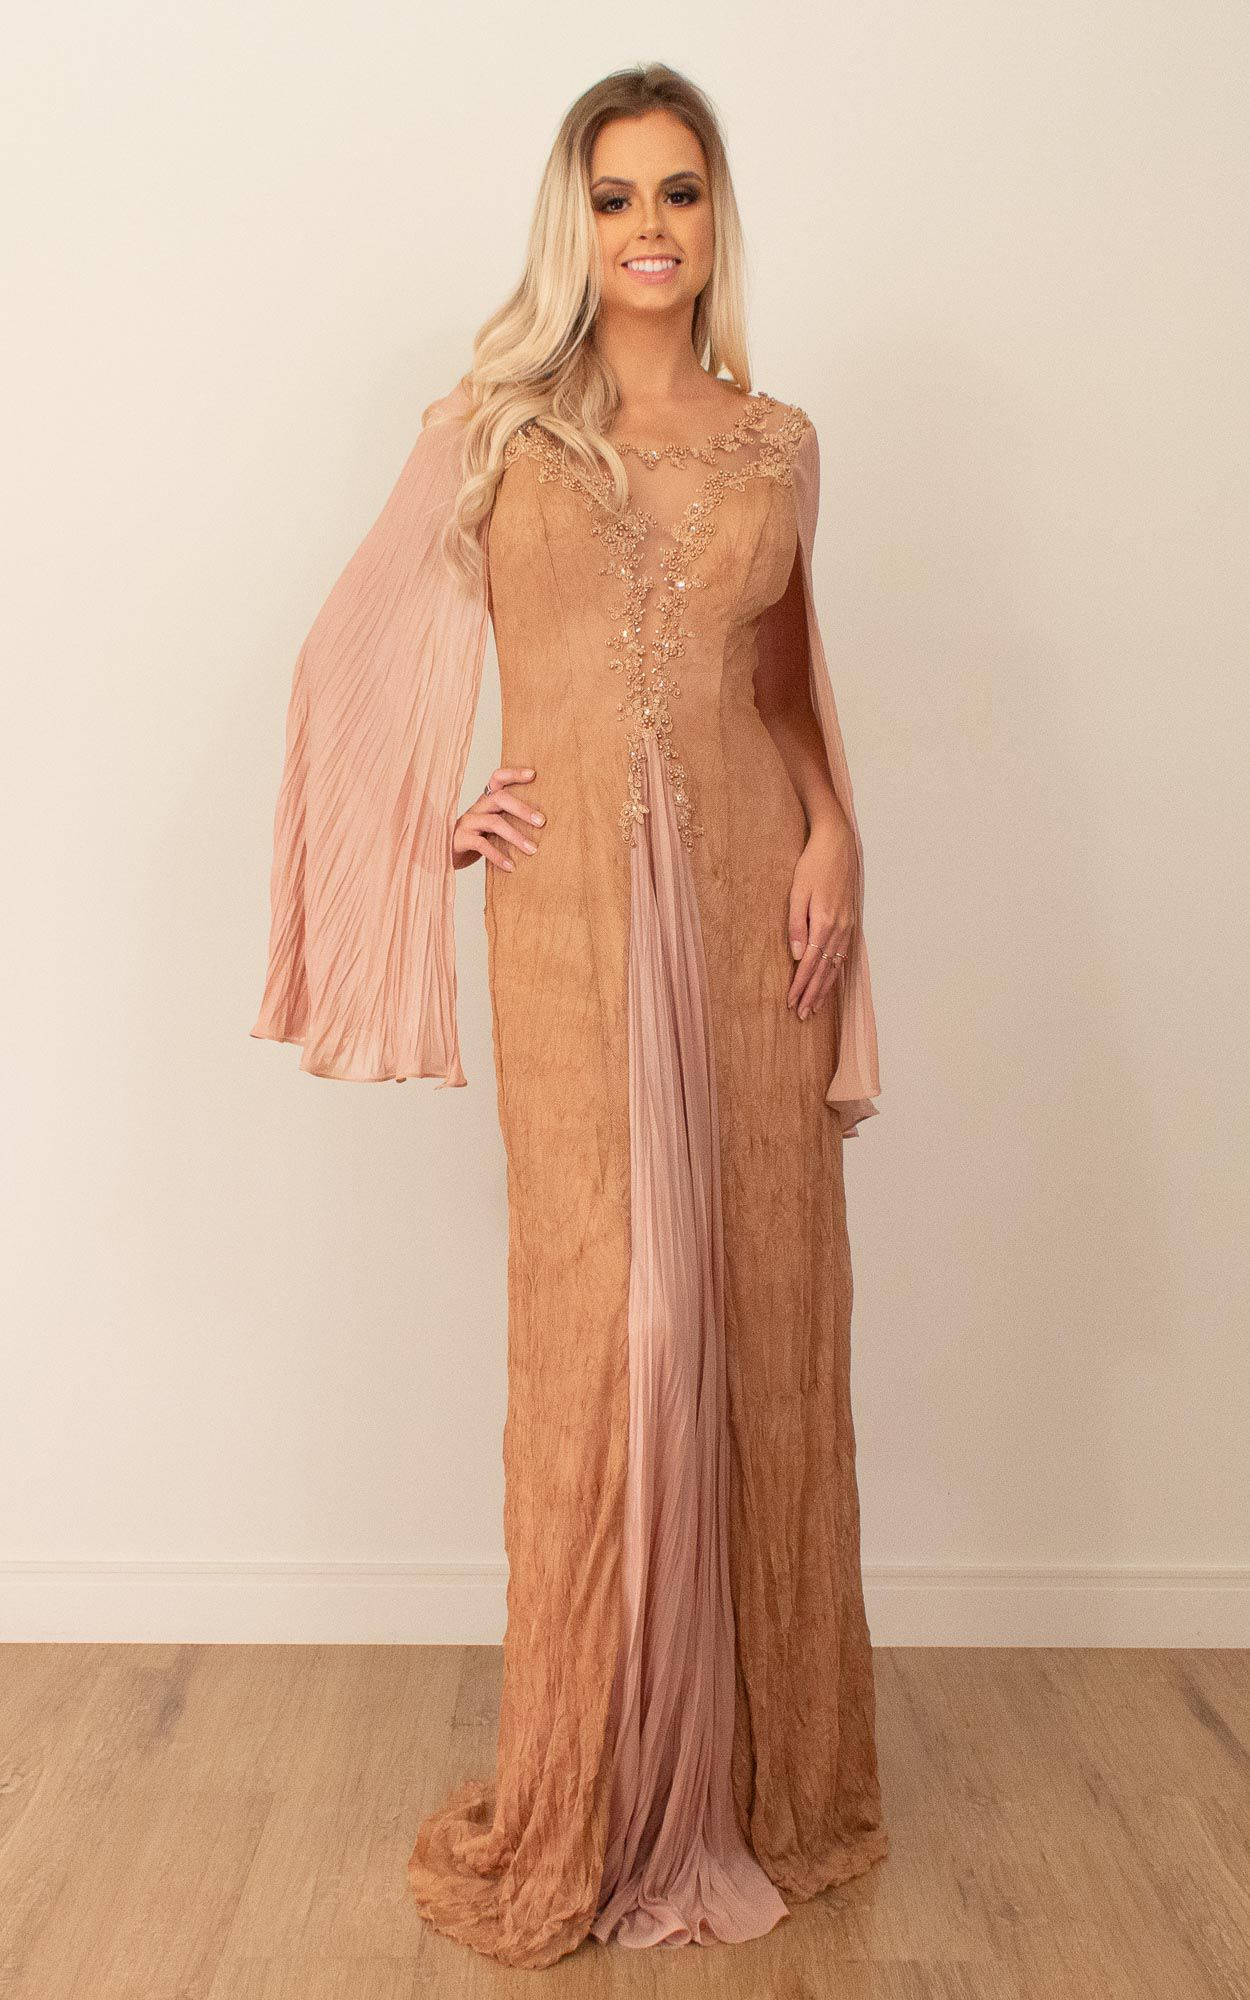 Vestido longo com mangas sobrepostas e detalhes em bordado de pedrarias